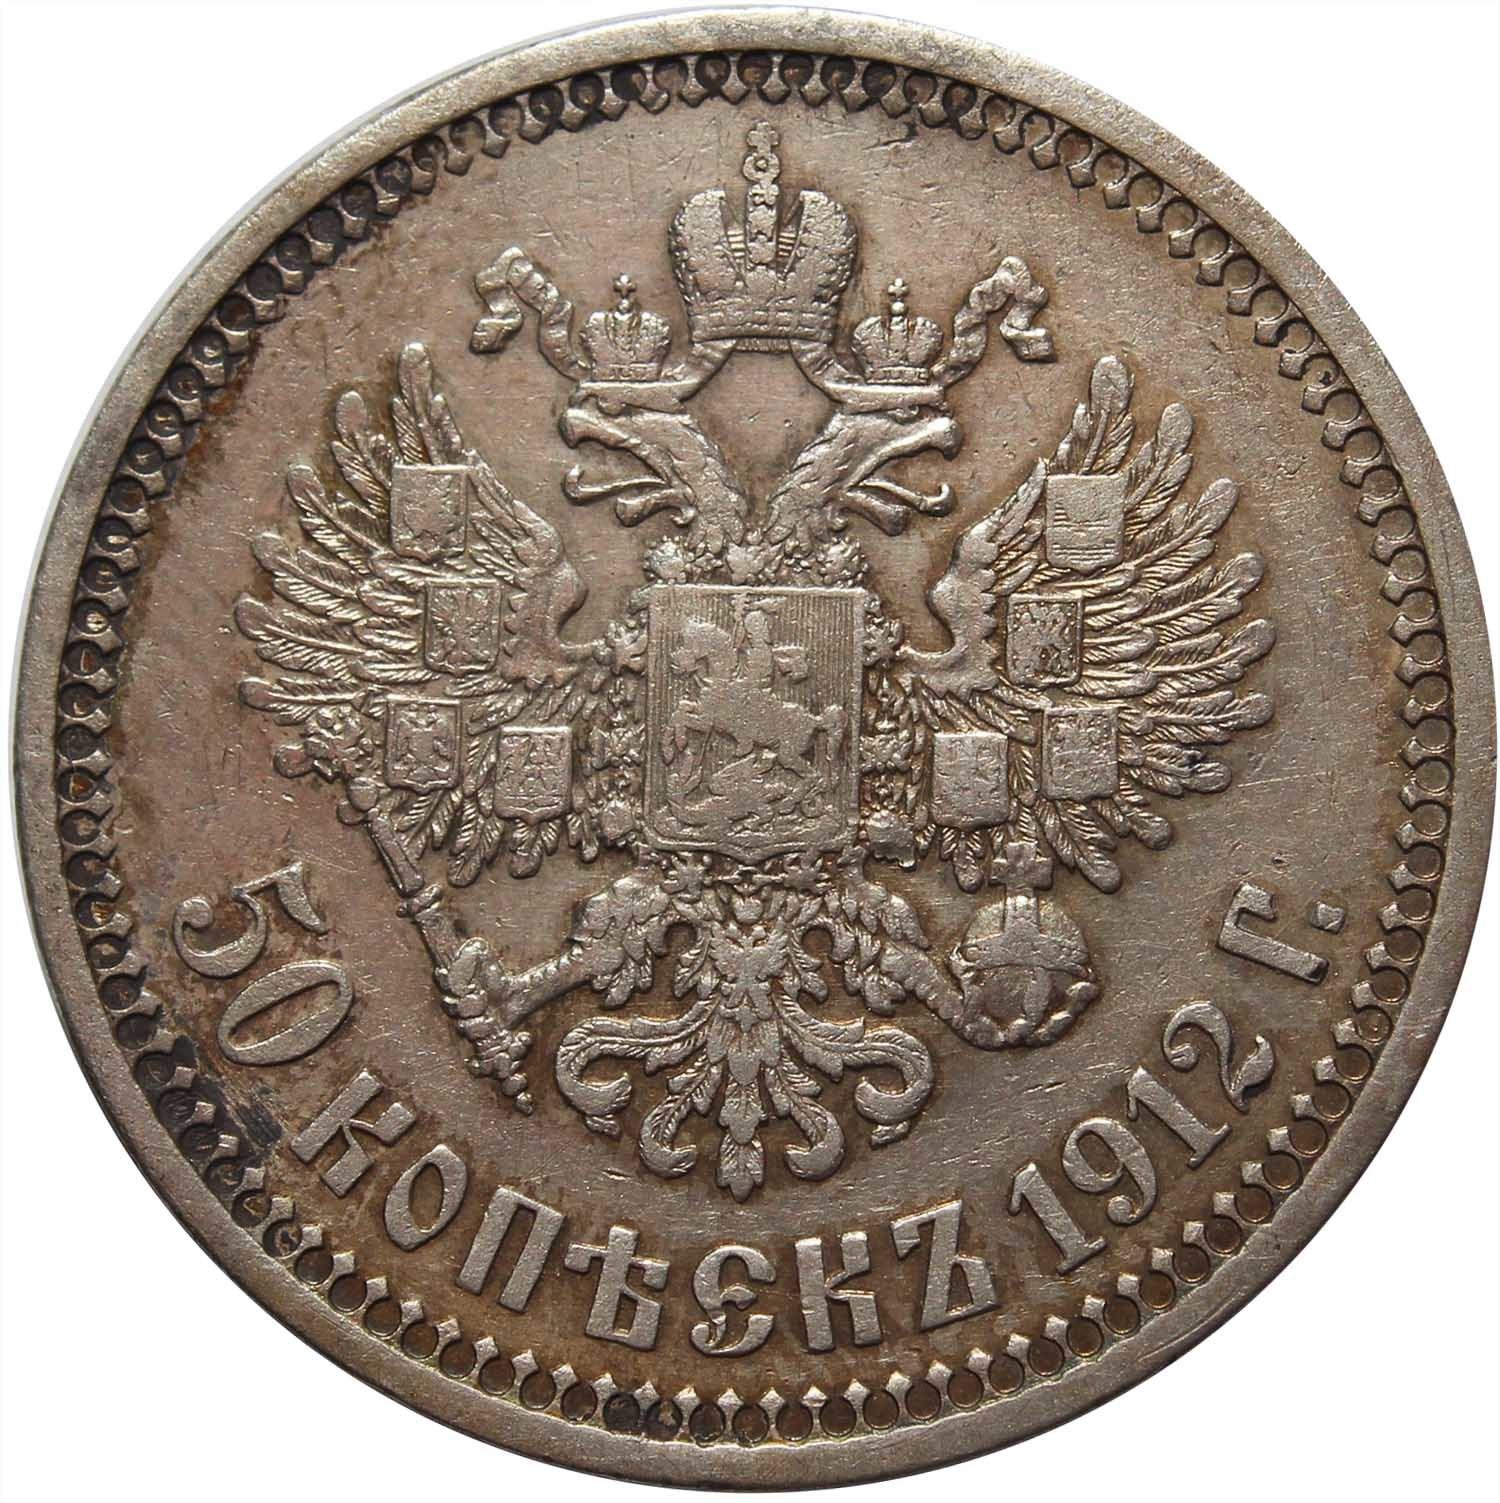 50 копеек 1912 год. ЭБ. Николай II. VF